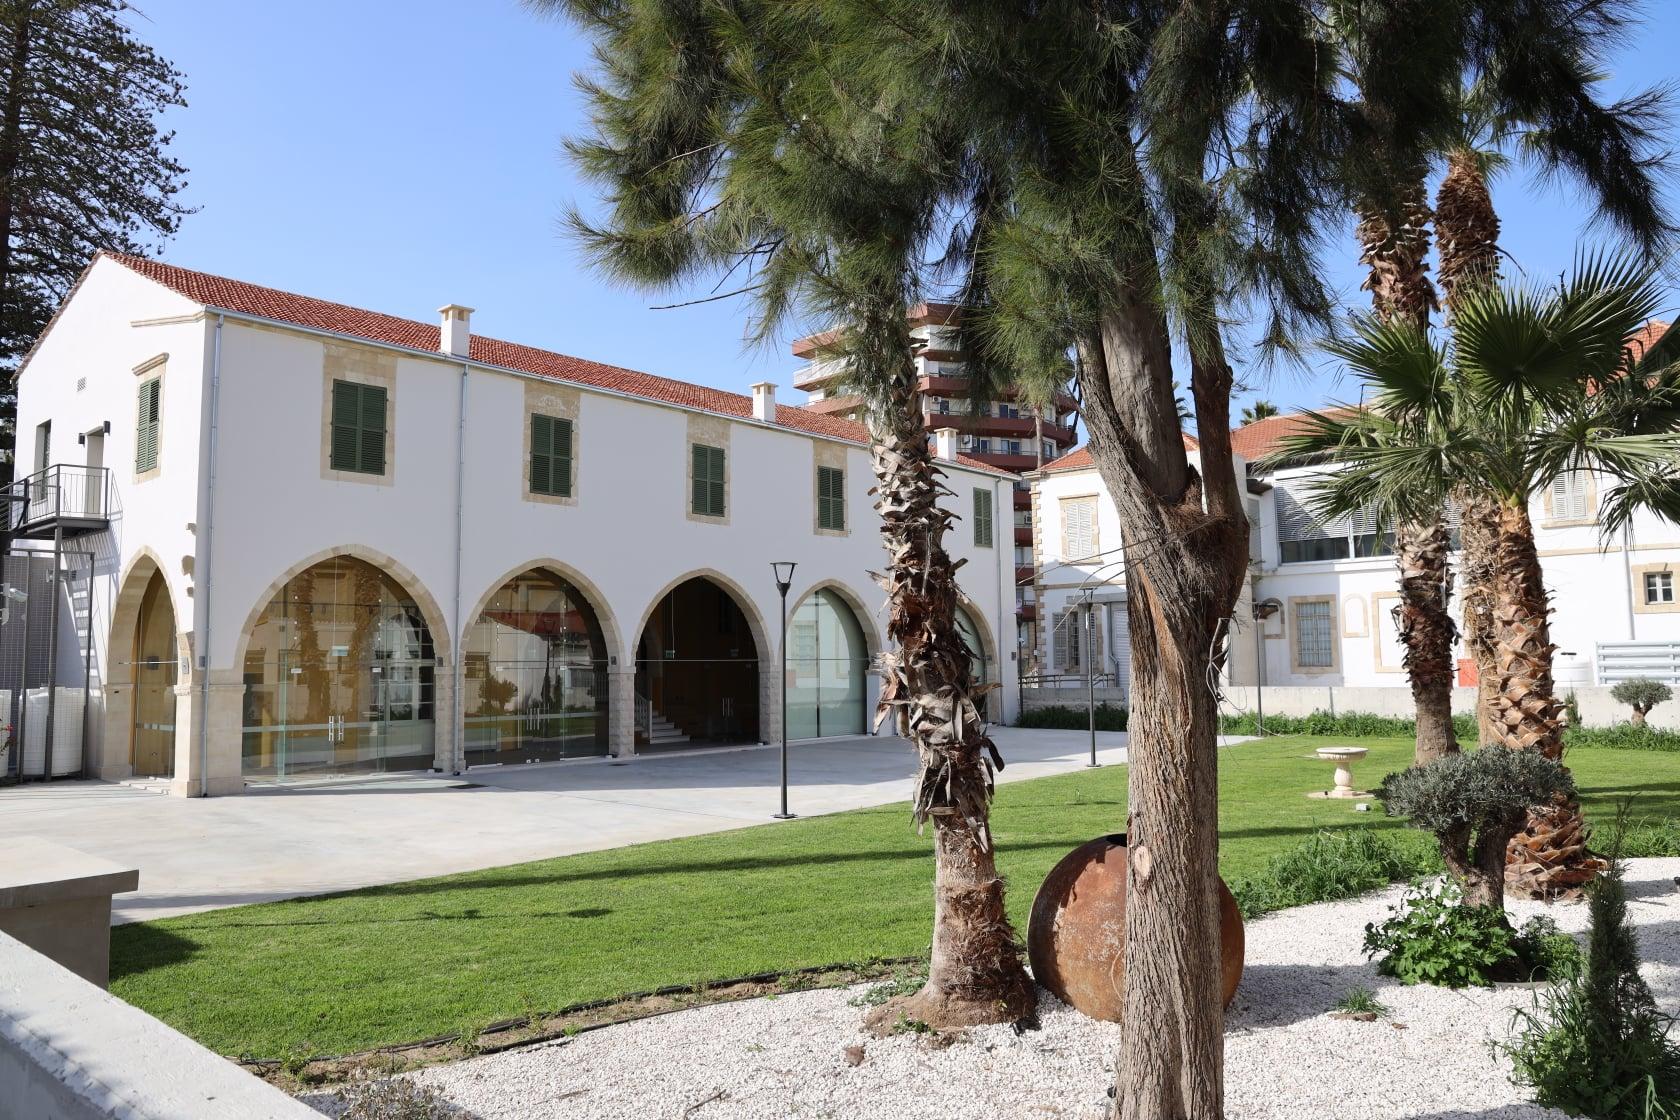 Σήμερα υπογράφονται τα Μνημόνια Συνεργασίας μεταξύ του Κέντρου Αριστείας για Έρευνα και Καινοτομία «Κοίος» του Πανεπιστημίου Κύπρου, του Δήμου Λάρνακας και των Συμβούλιων Αποχετεύσεως και Υδατοπρομήθειας Λάρνακας